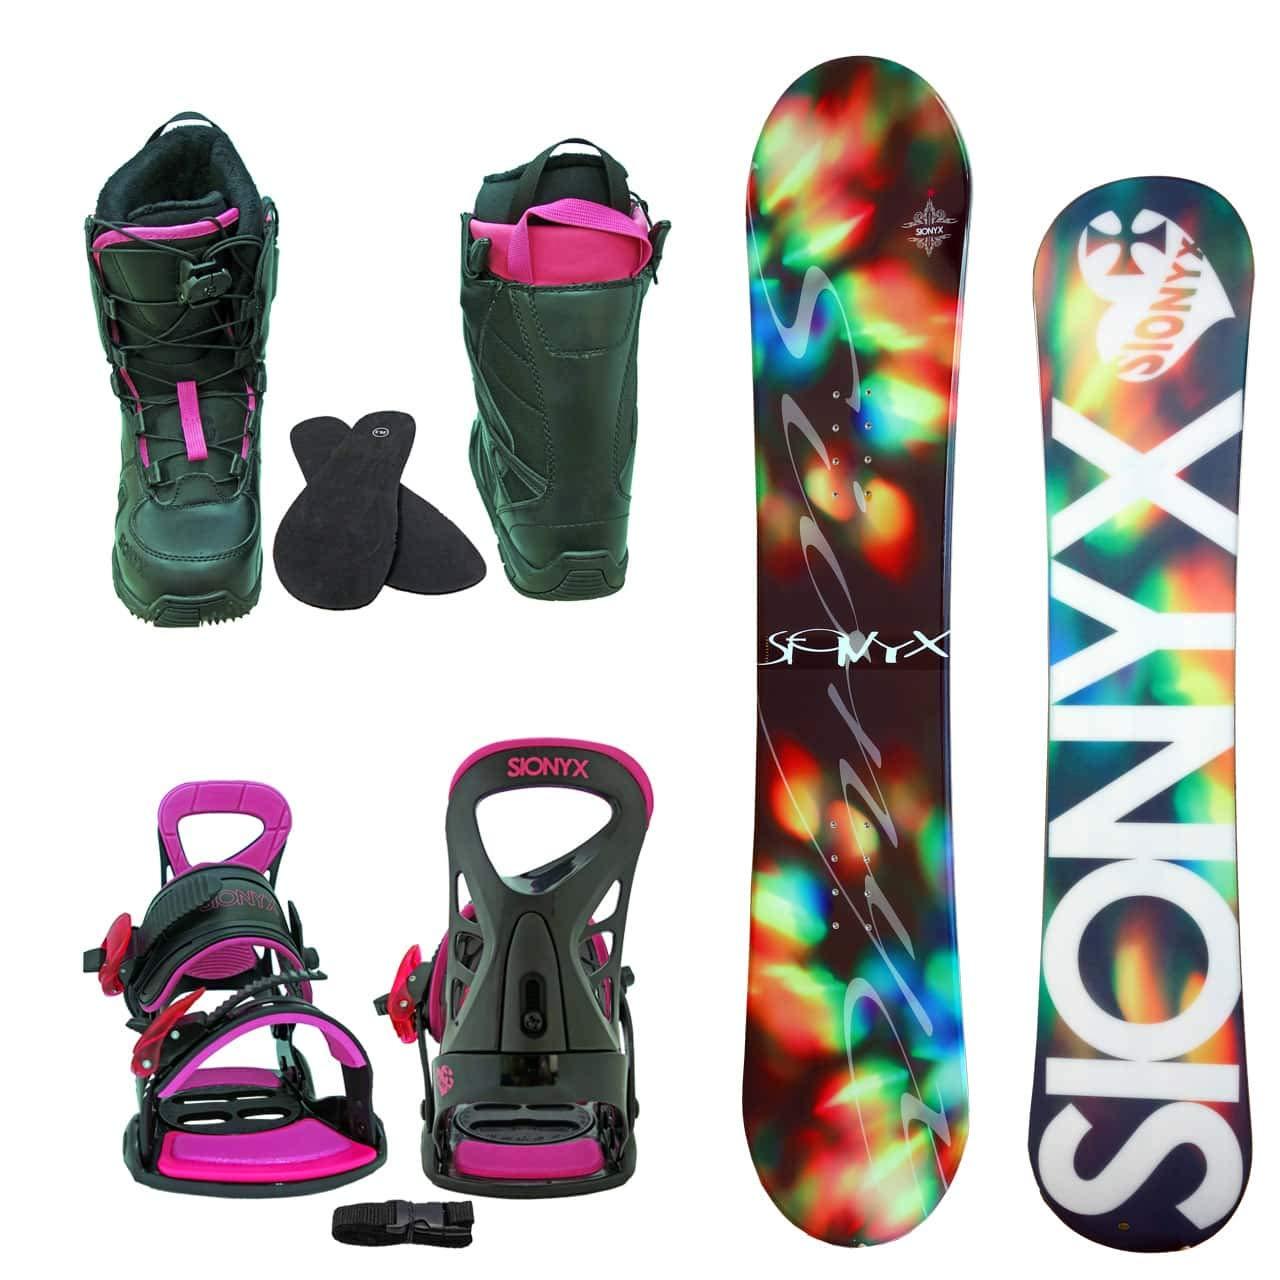 SIONYX レディース スノーボード3点セット スノボー+バインディング+クイックシューレースブーツ BELLA B07JX5PPZR ボード 144+boots 24.0|ボード ブラック+binding ピンク+boots ブラック ボード ブラック+binding ピンク+boots ブラック ボード 144+boots 24.0